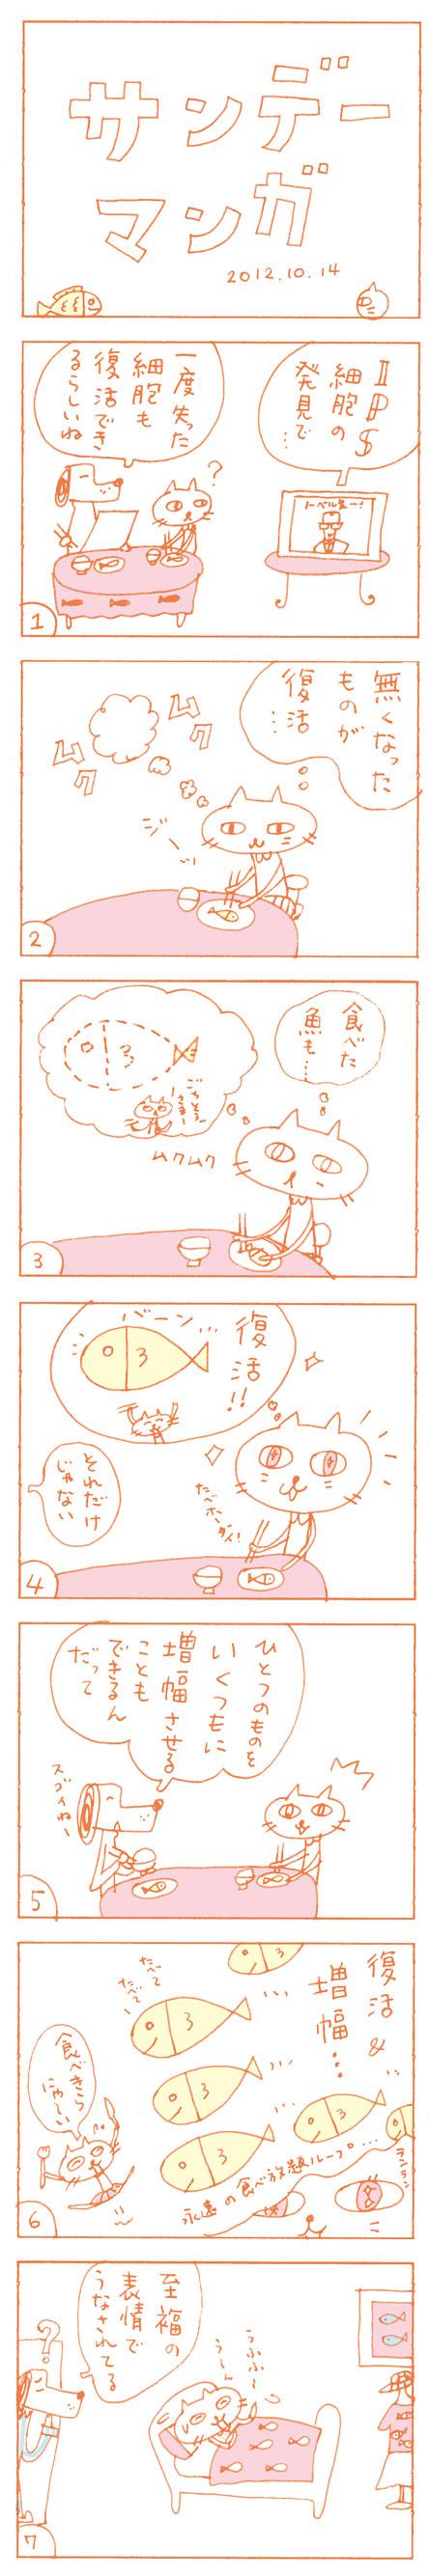 b0102193_1954732.jpg